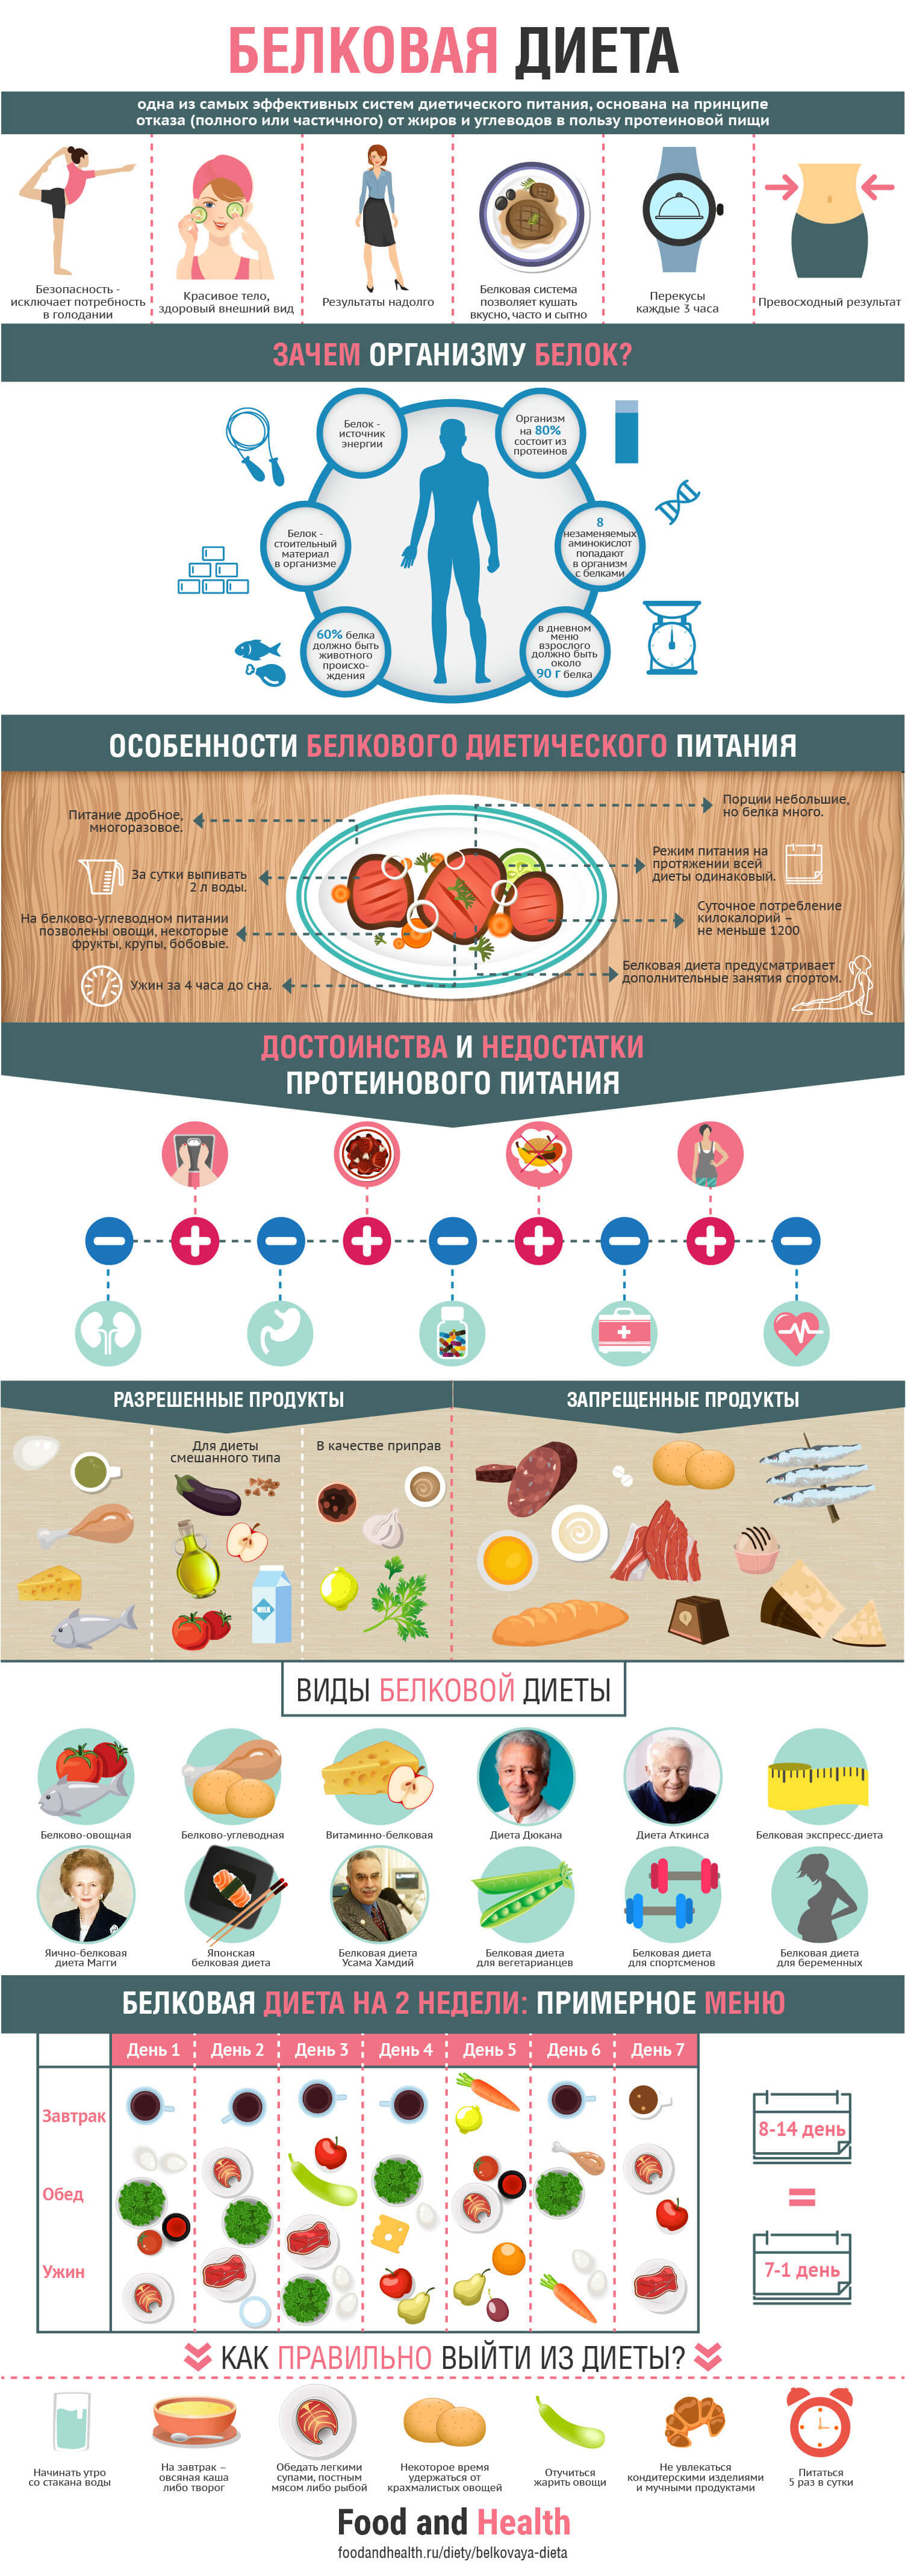 Белковая диета - инфографика